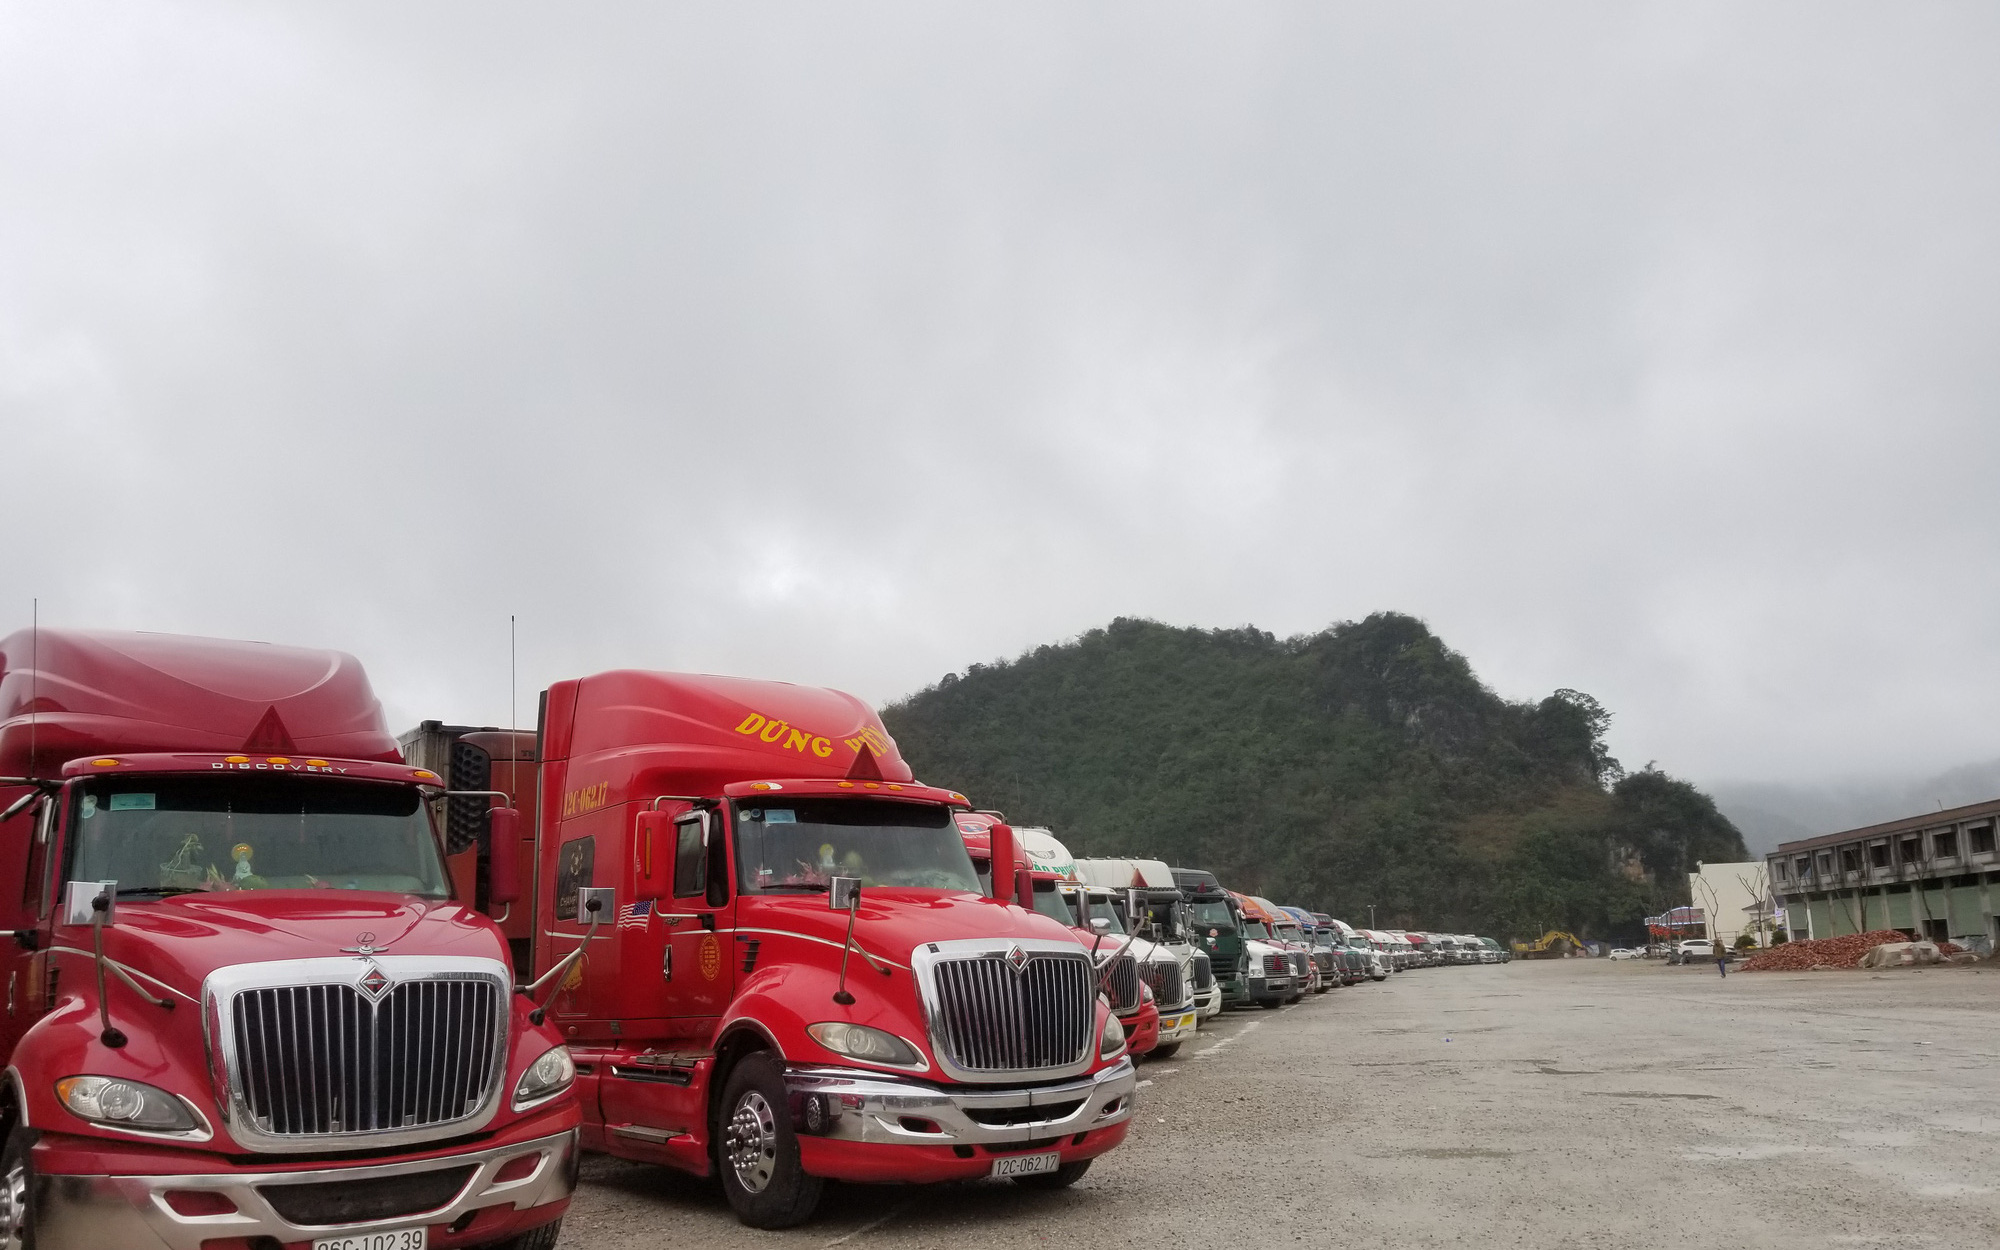 Trung Quốc tạm nghỉ hoạt động thông quan qua cửa khẩu đón Tết Thanh minh